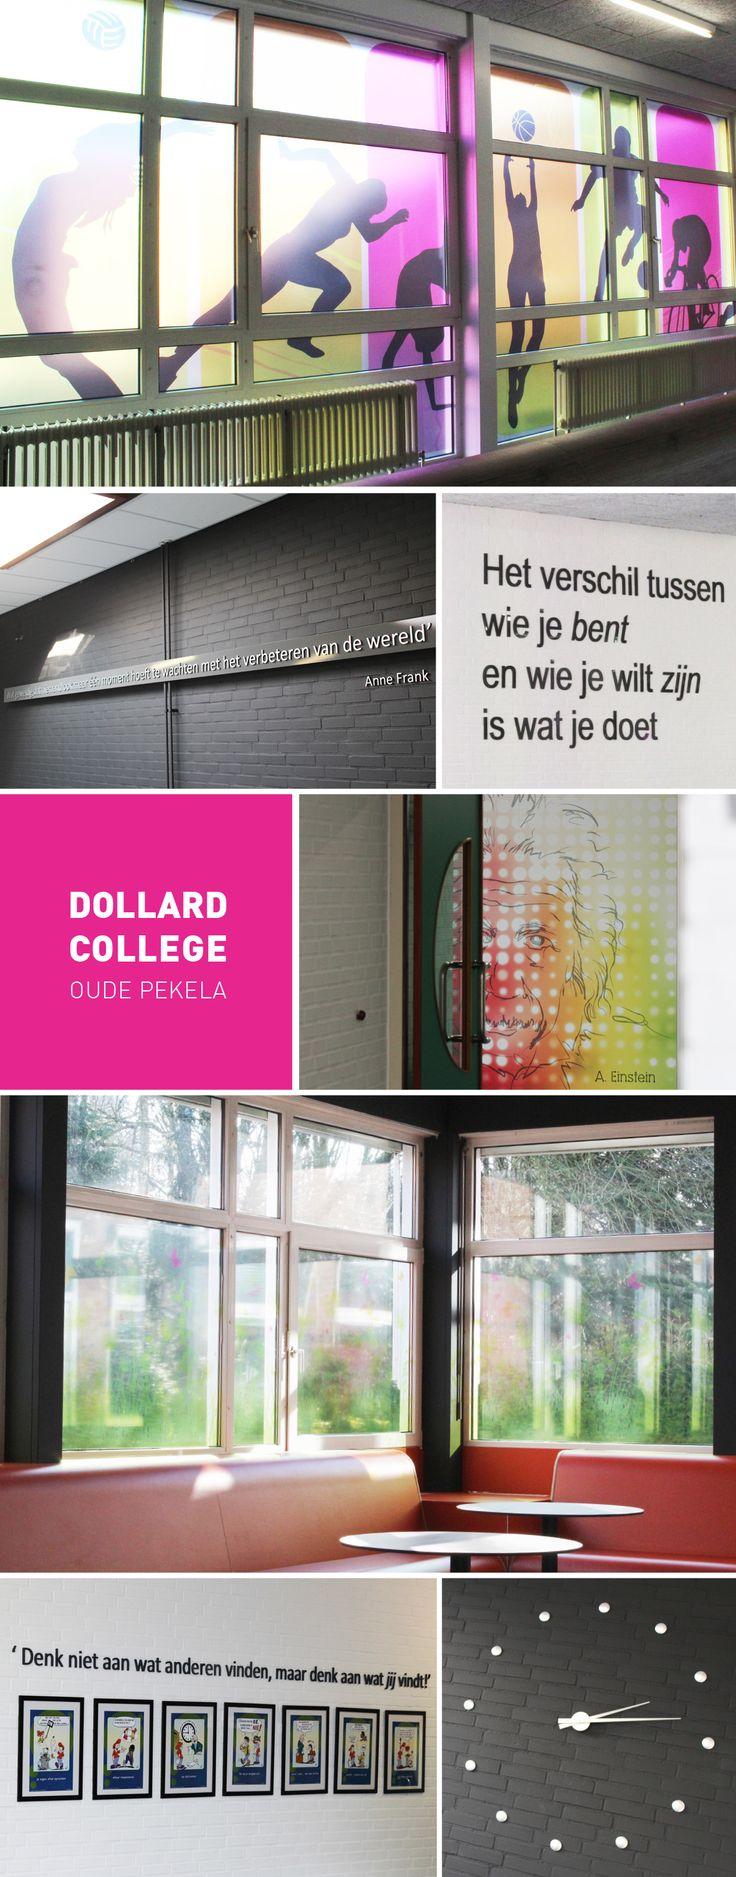 'Dollard College' Oude Pekela #KoggelReclame #Interieur #Projecten #Wanddecoratie #Raamdecoratie #Freesletters